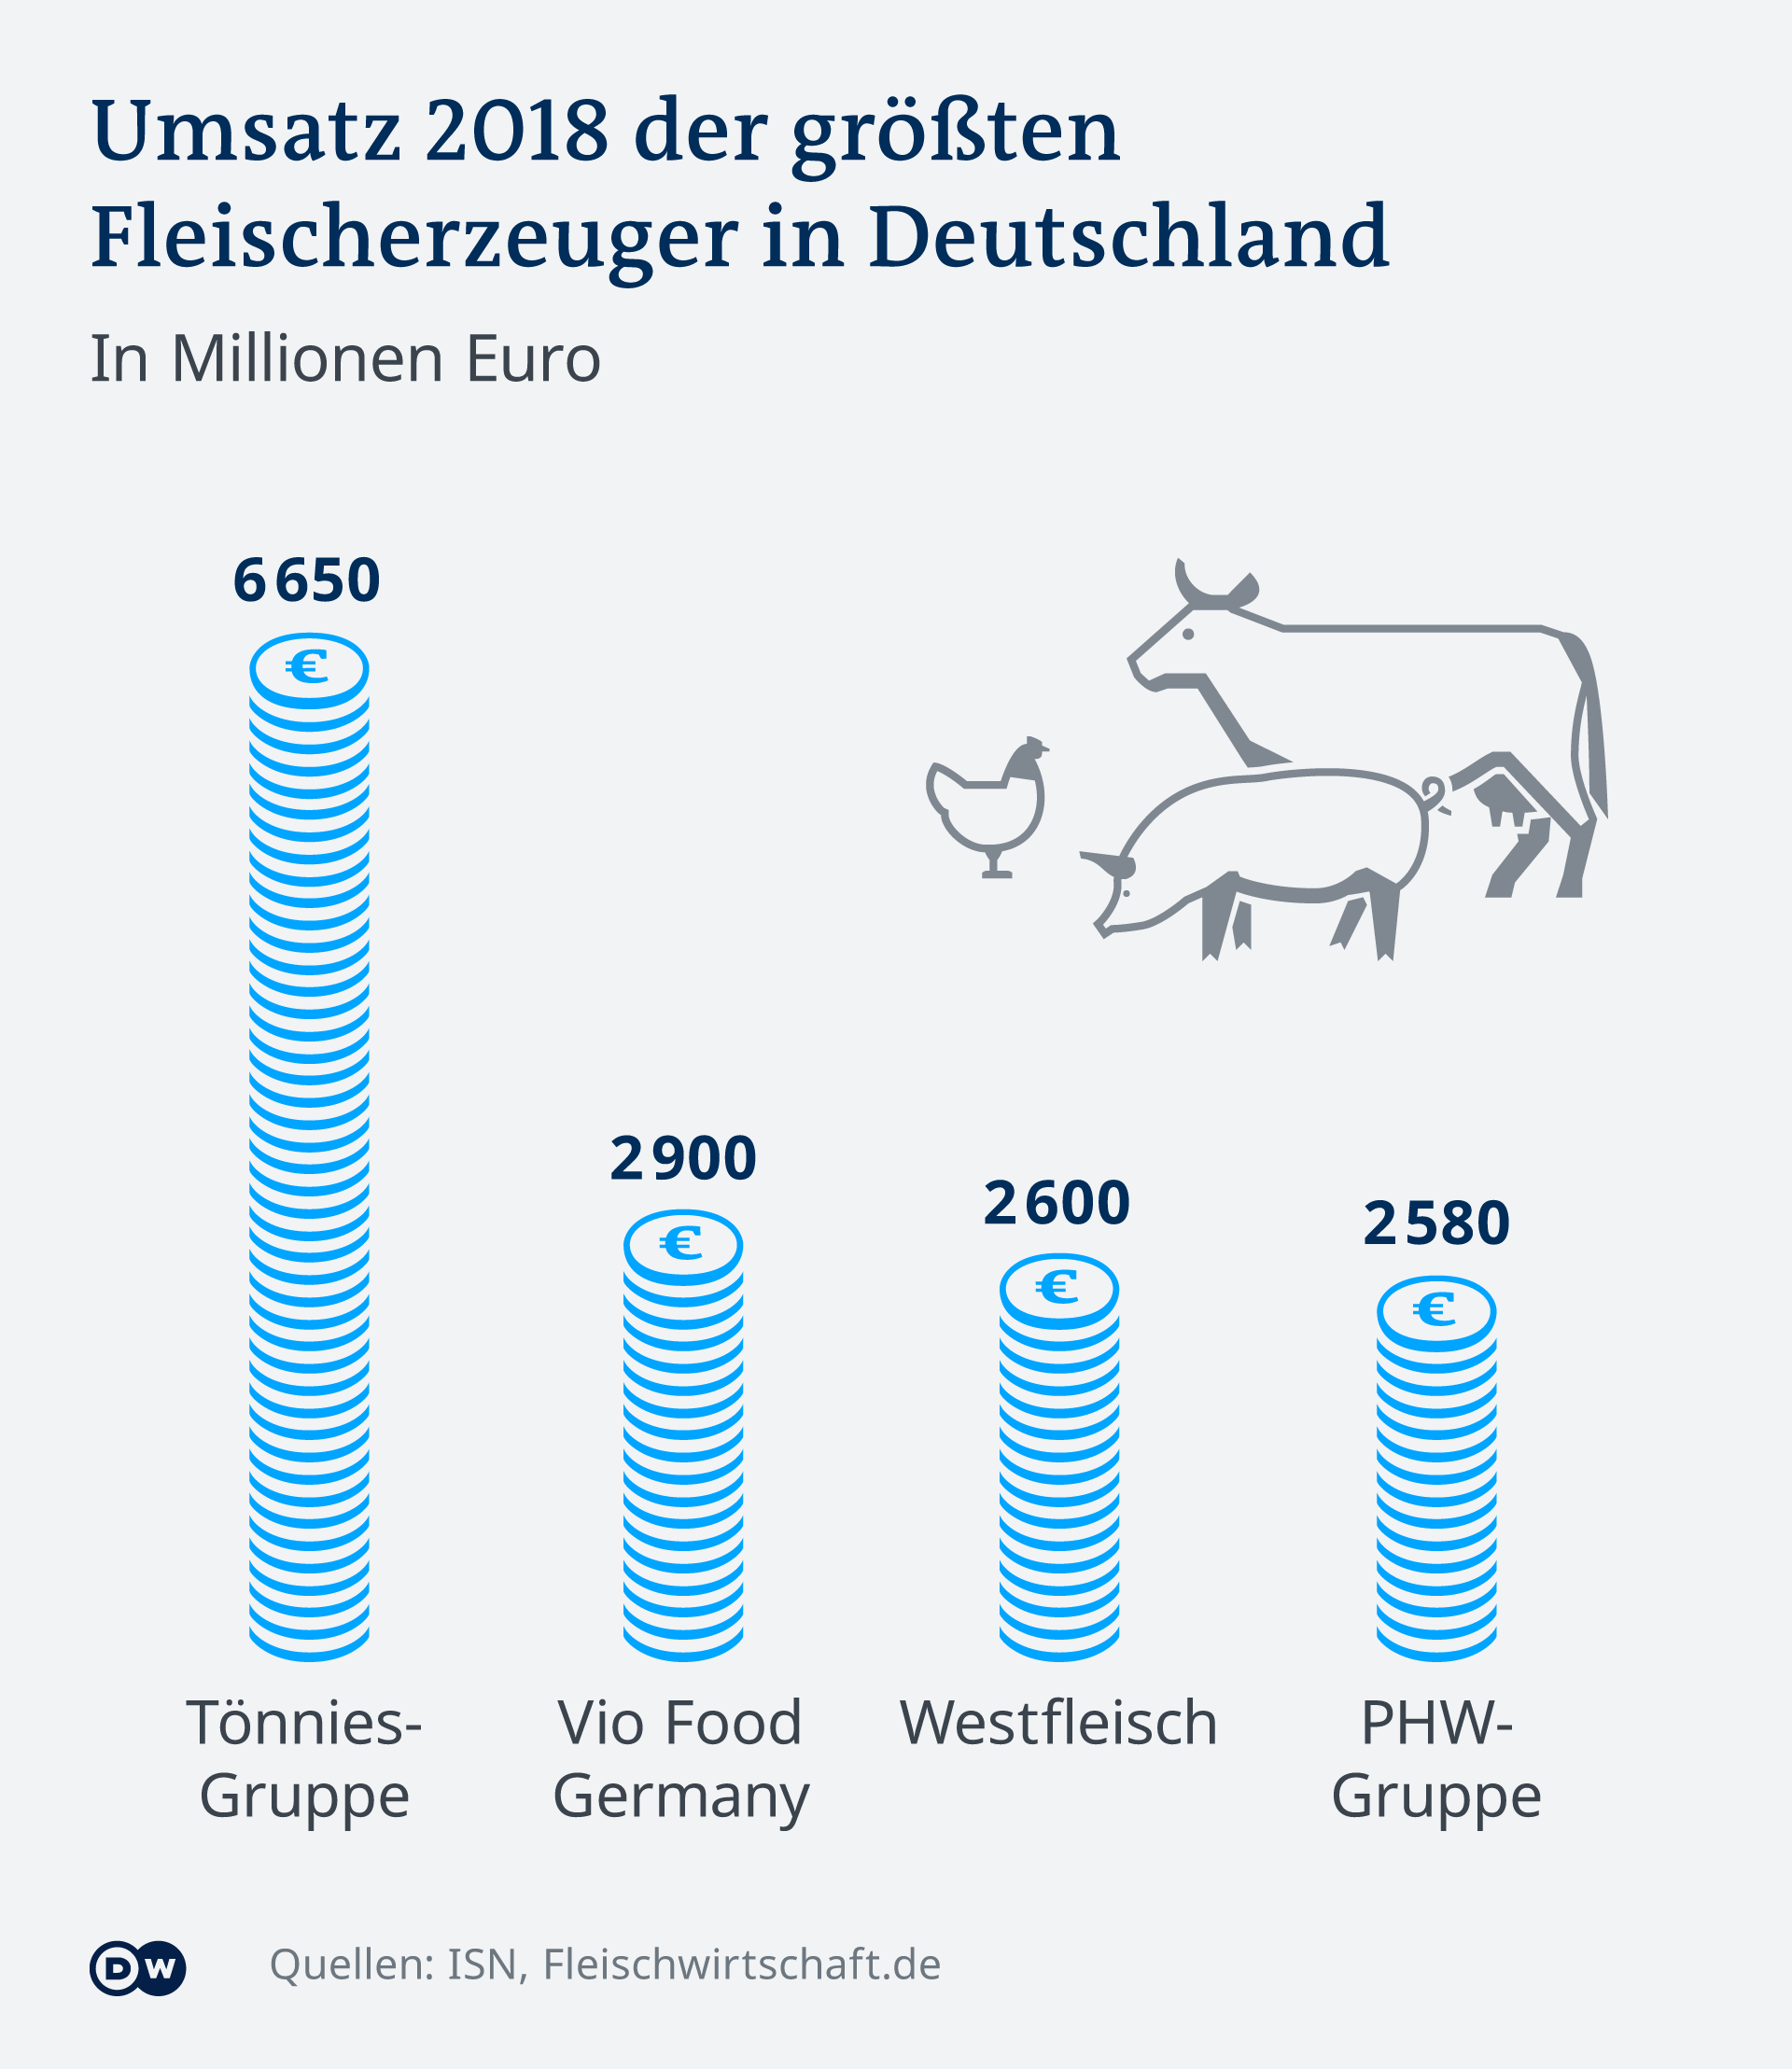 Proizvođači mesa u Njemačkoj